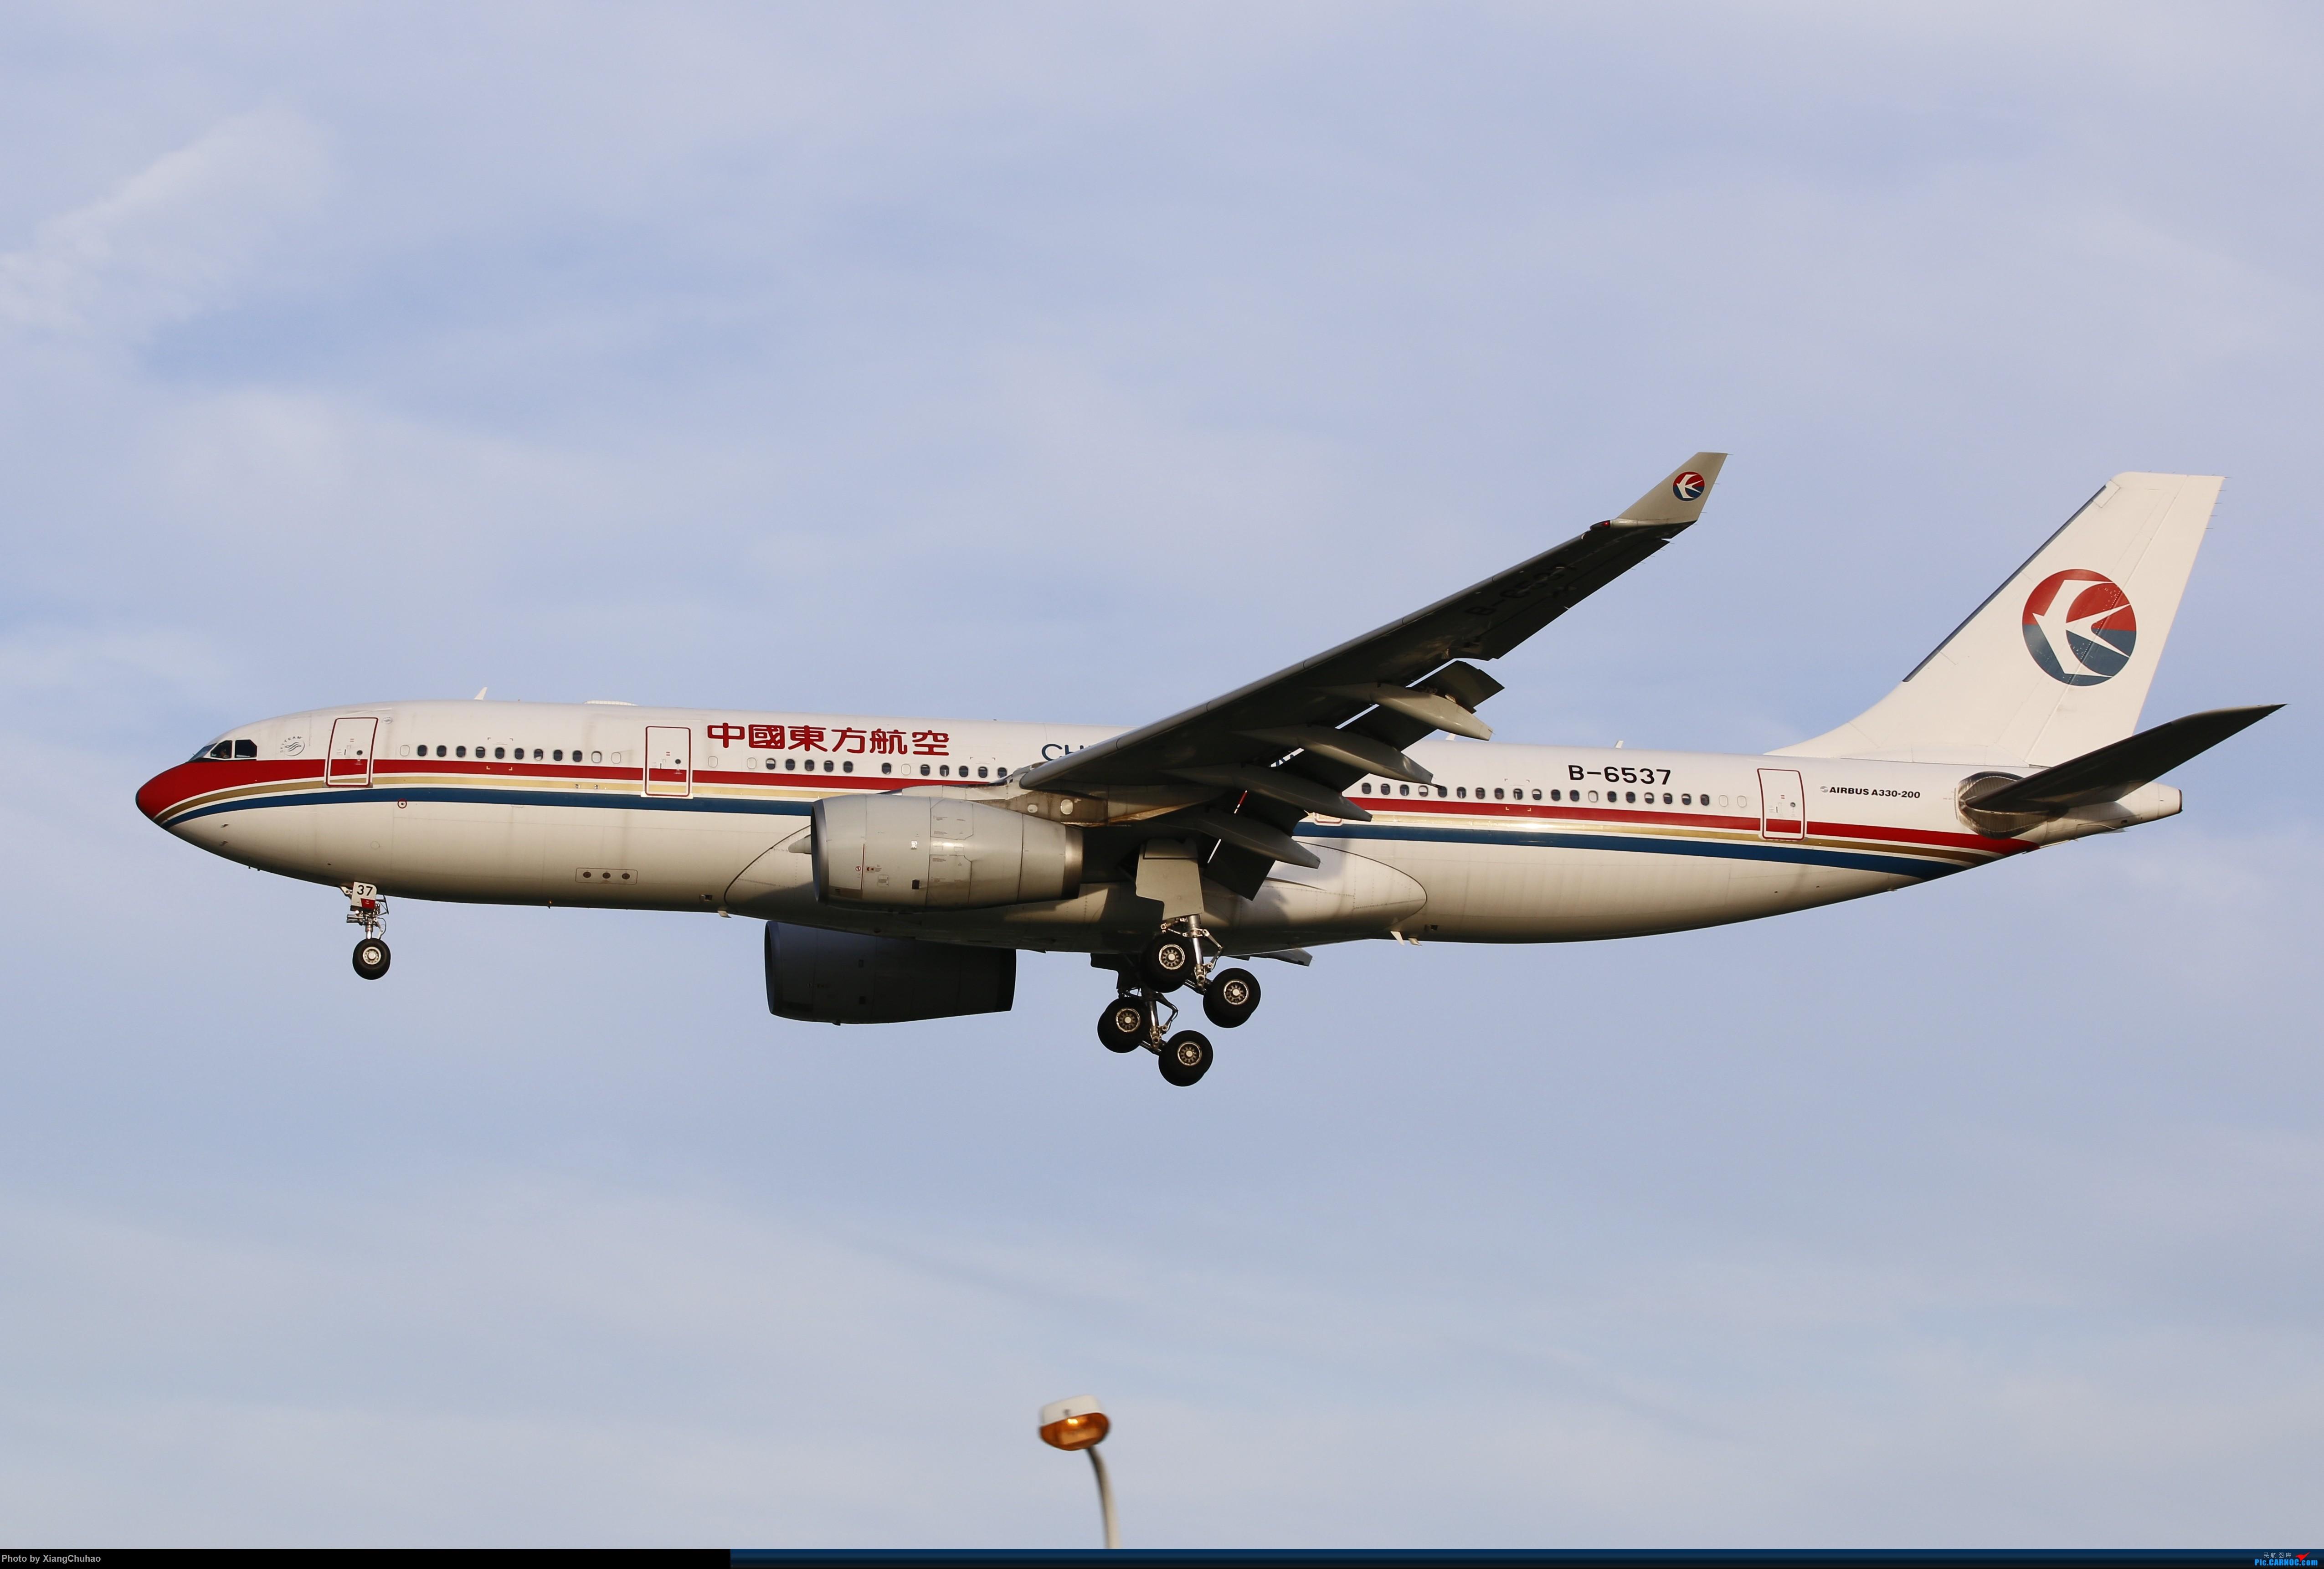 温州龙湾国际机场 AIRBUS A330-200 B-6537 中国温州龙湾国际机场